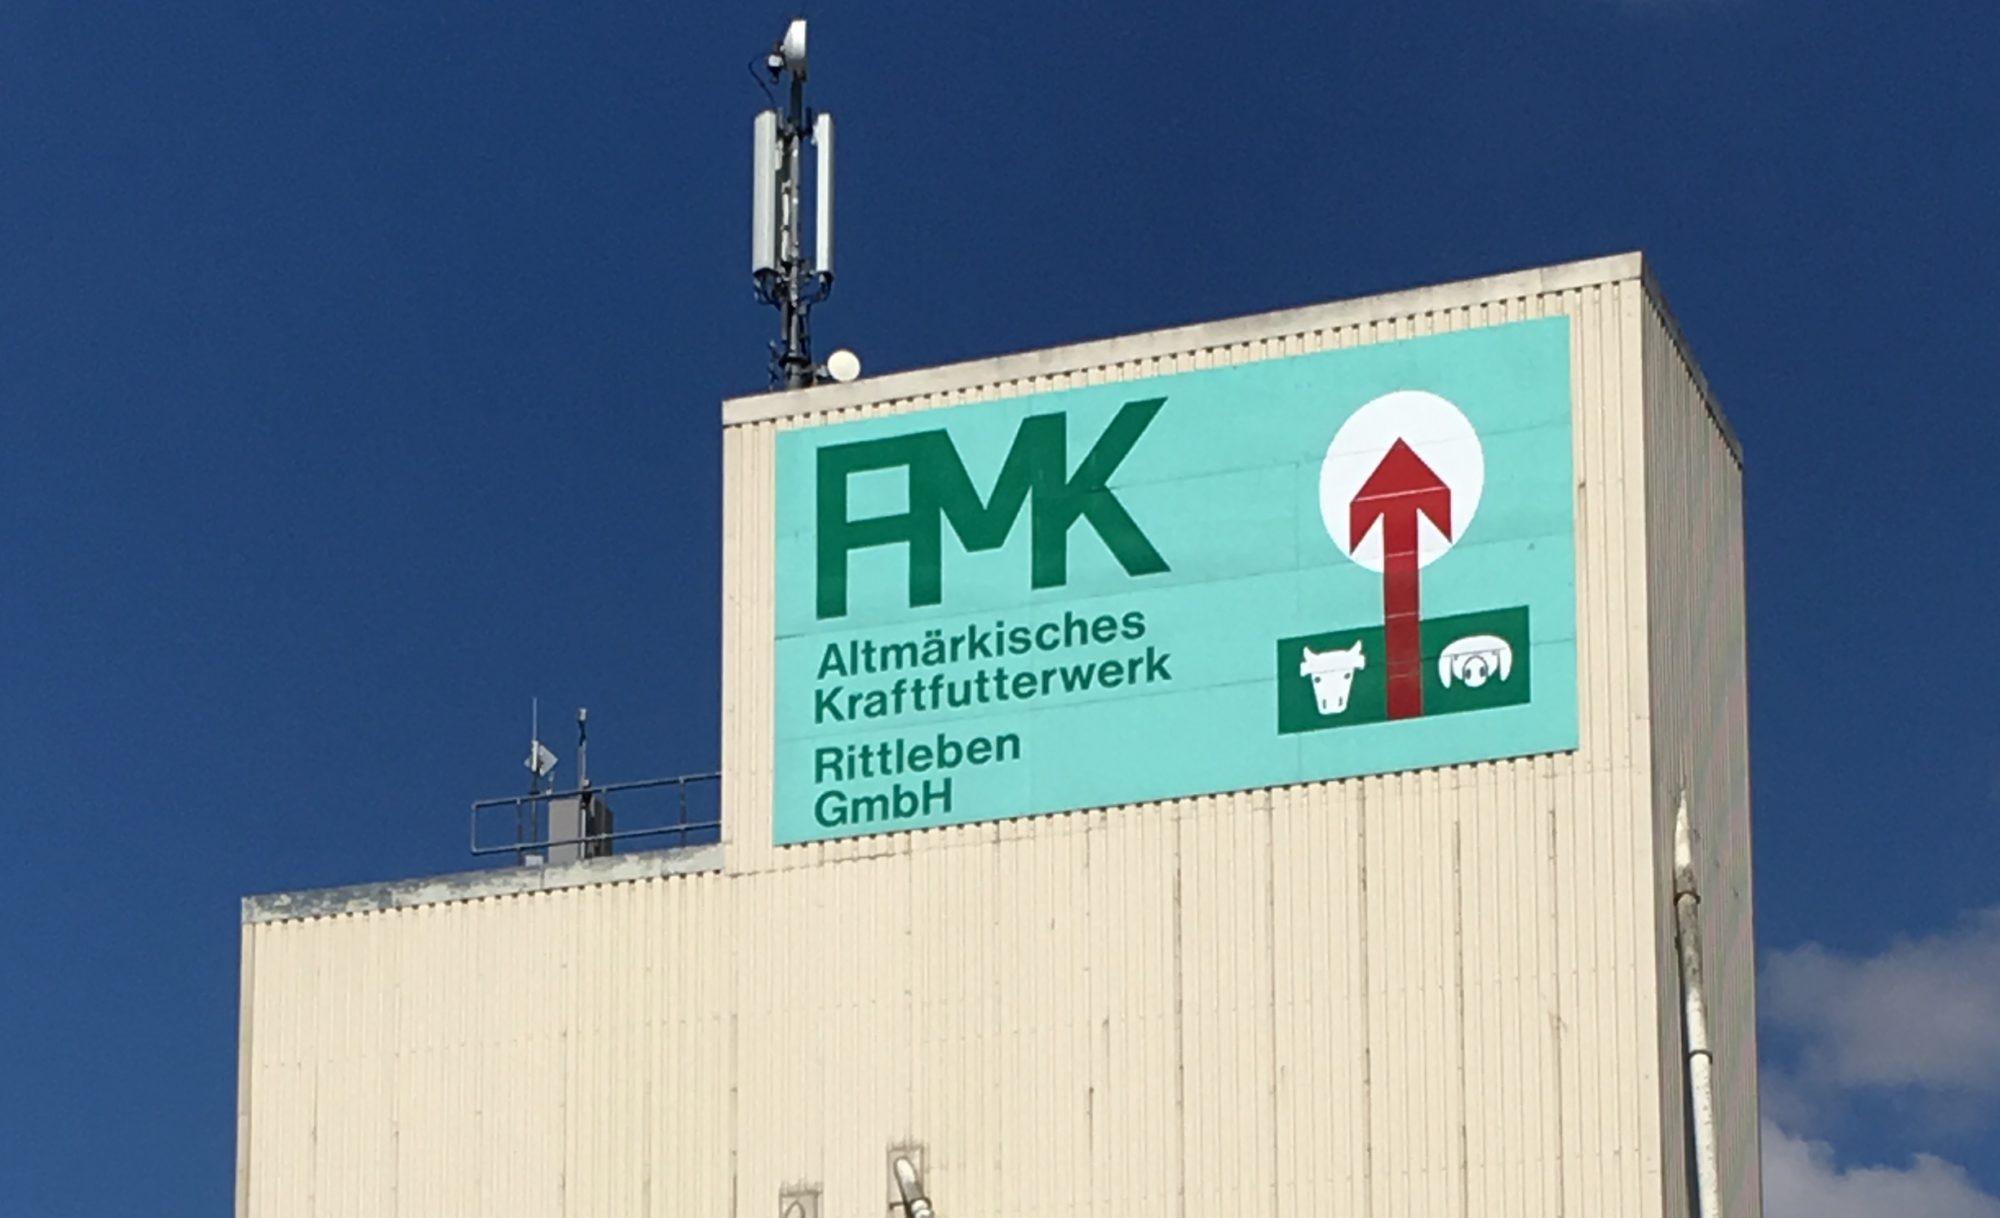 Altmärkisches Kraftfutterwerk Rittleben GmbH